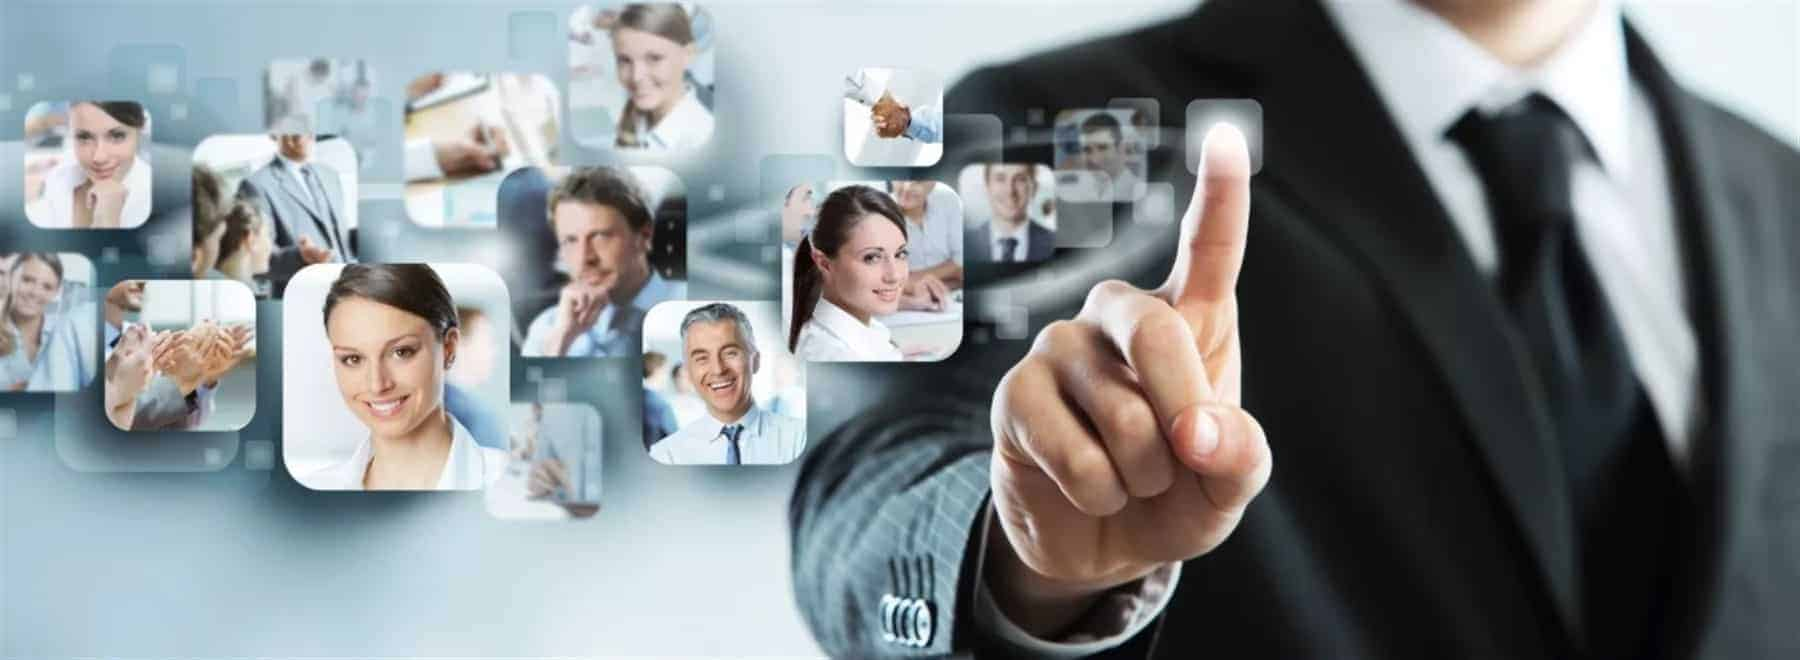 7/24 Müşteri Hizmetleri Desteğimizle Sorunlarınıza Çözüm Oluyoruz..